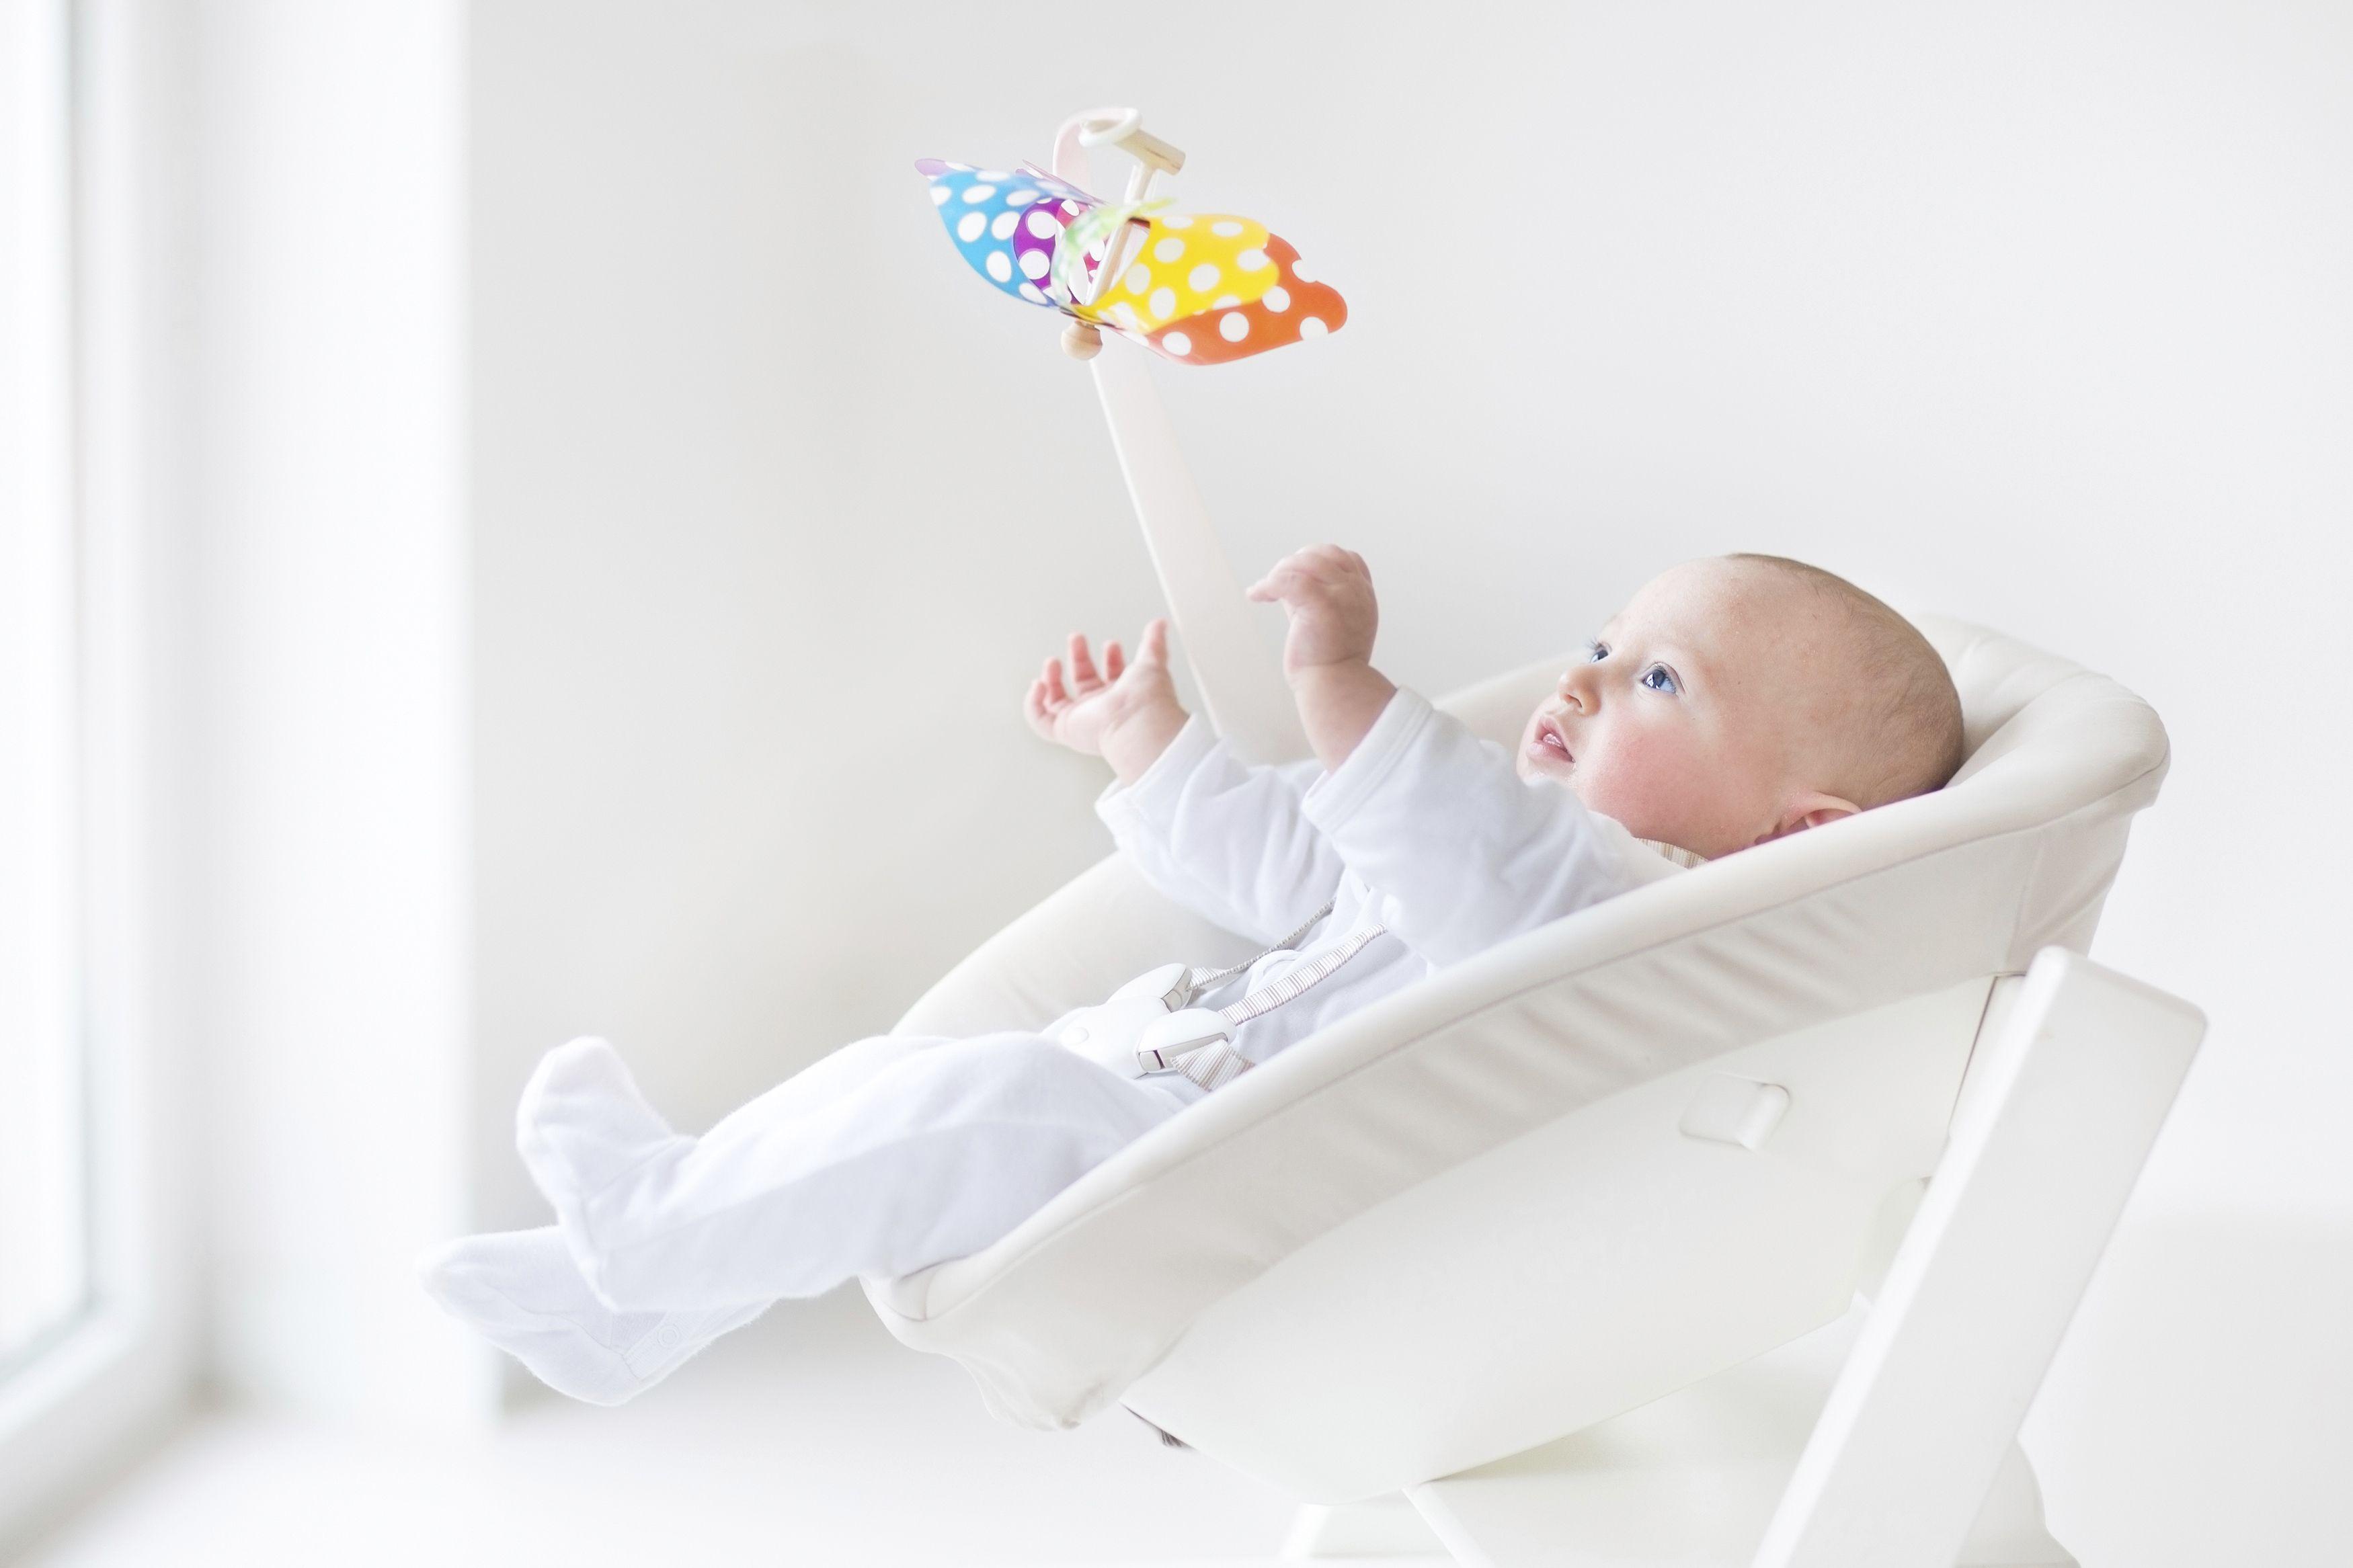 Fisioterapia respiratoria Infantil: Servicios de Fisio&Fisio